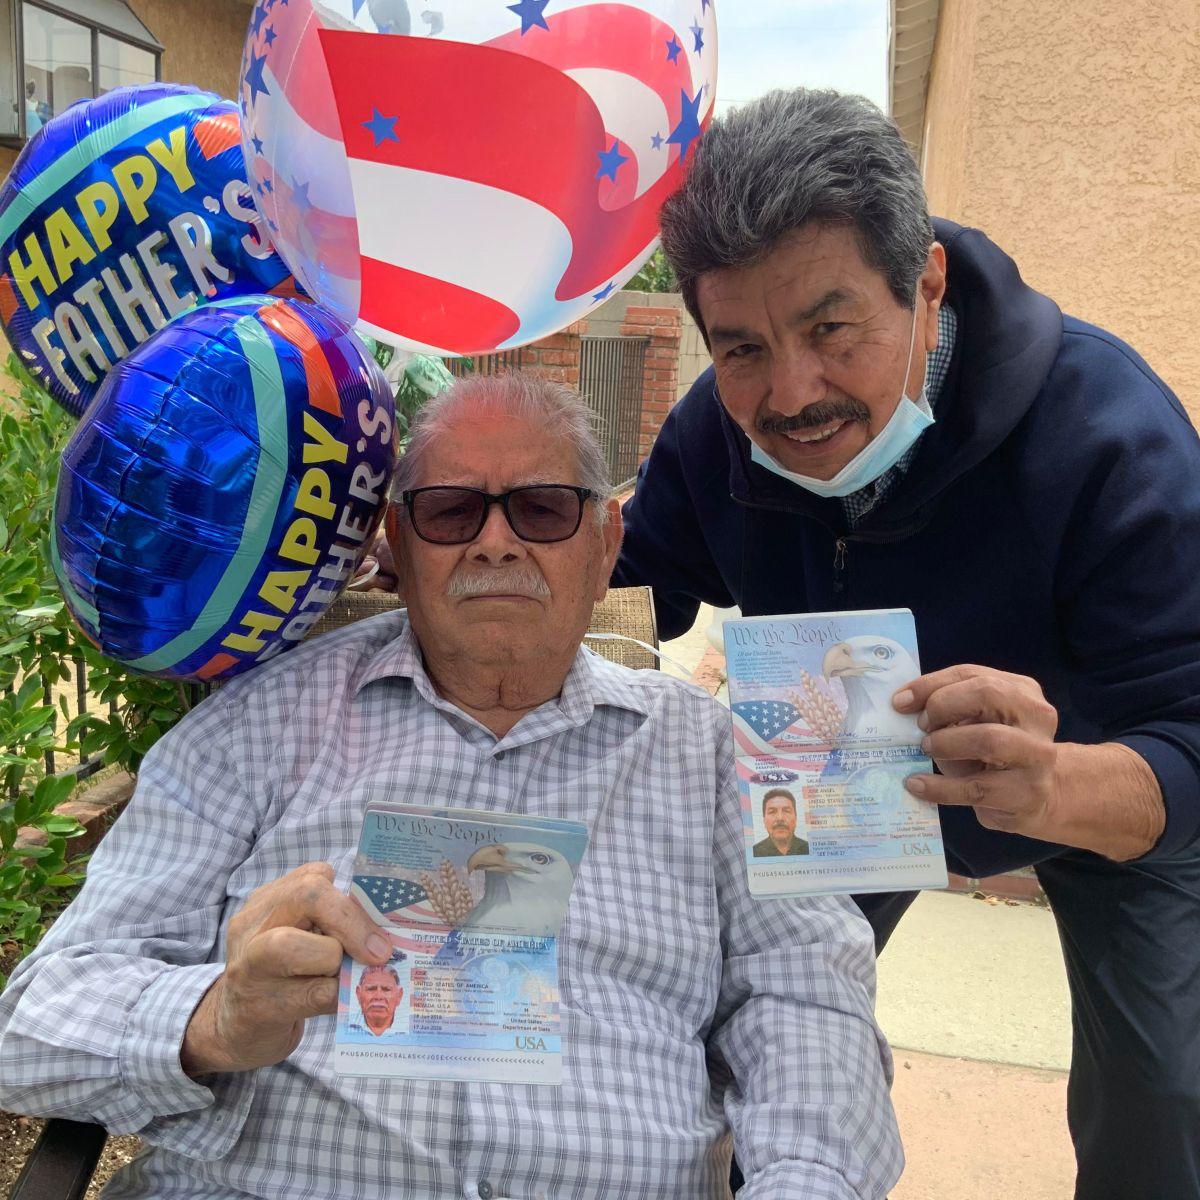 Padre nonagenario de EE.UU. da ciudadanía a hijo nacido en México